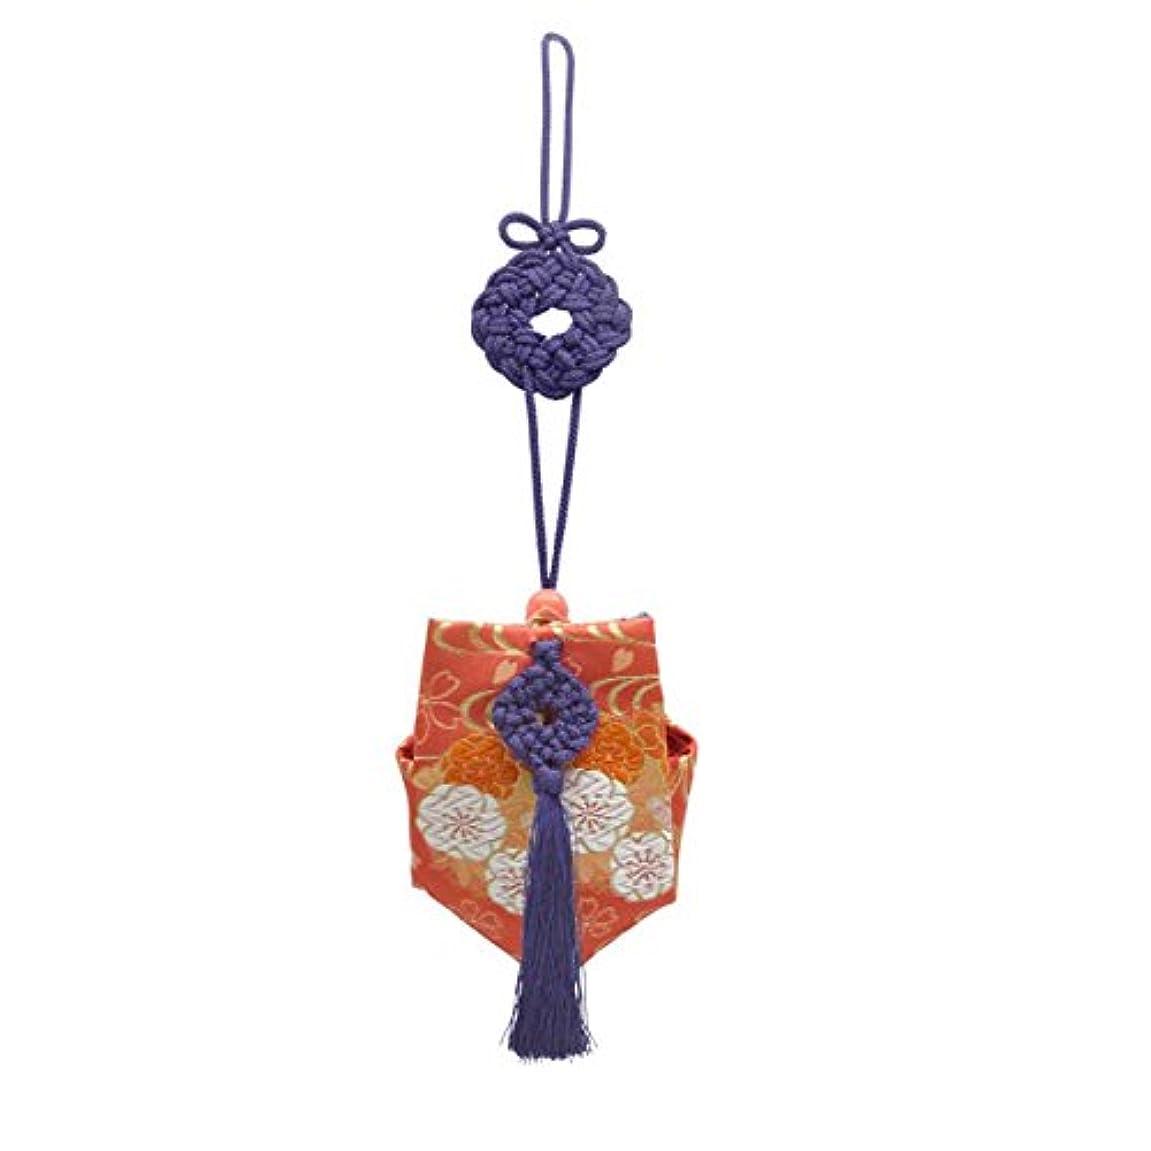 騙す反映する放置訶梨勒 上品 紙箱入 紫紐/花紋